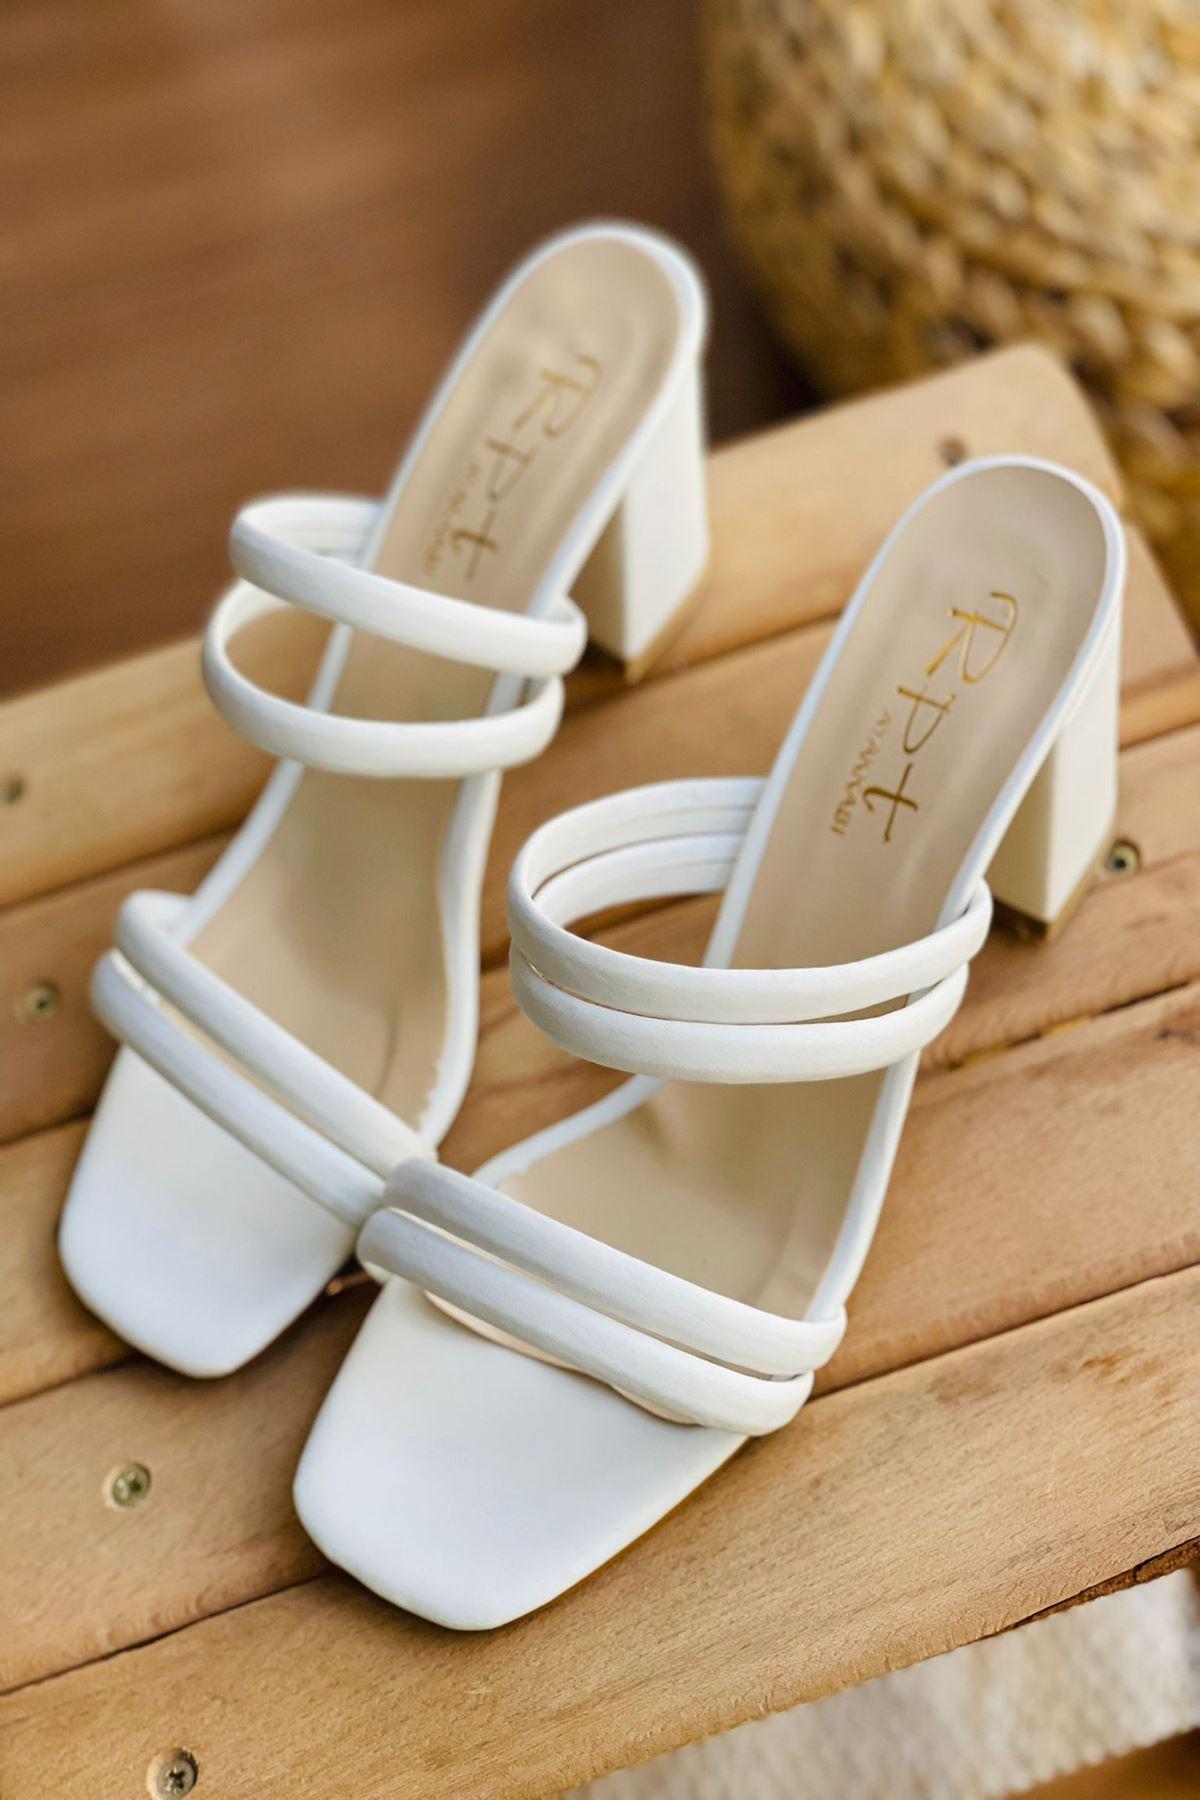 YDBT Beyaz Deri Topuklu Ayakkabı